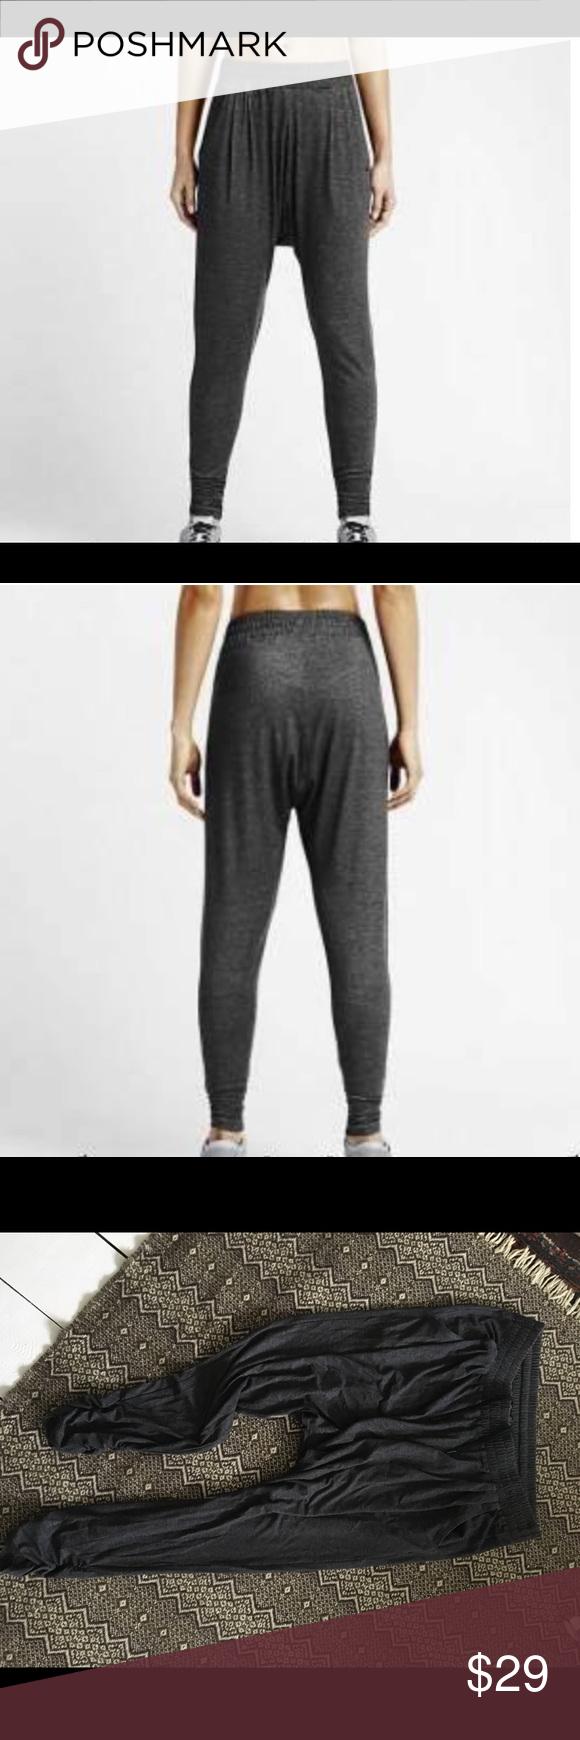 Nike Women's Avant Move Dri Fit Harem Pant, Sz XL NIKE